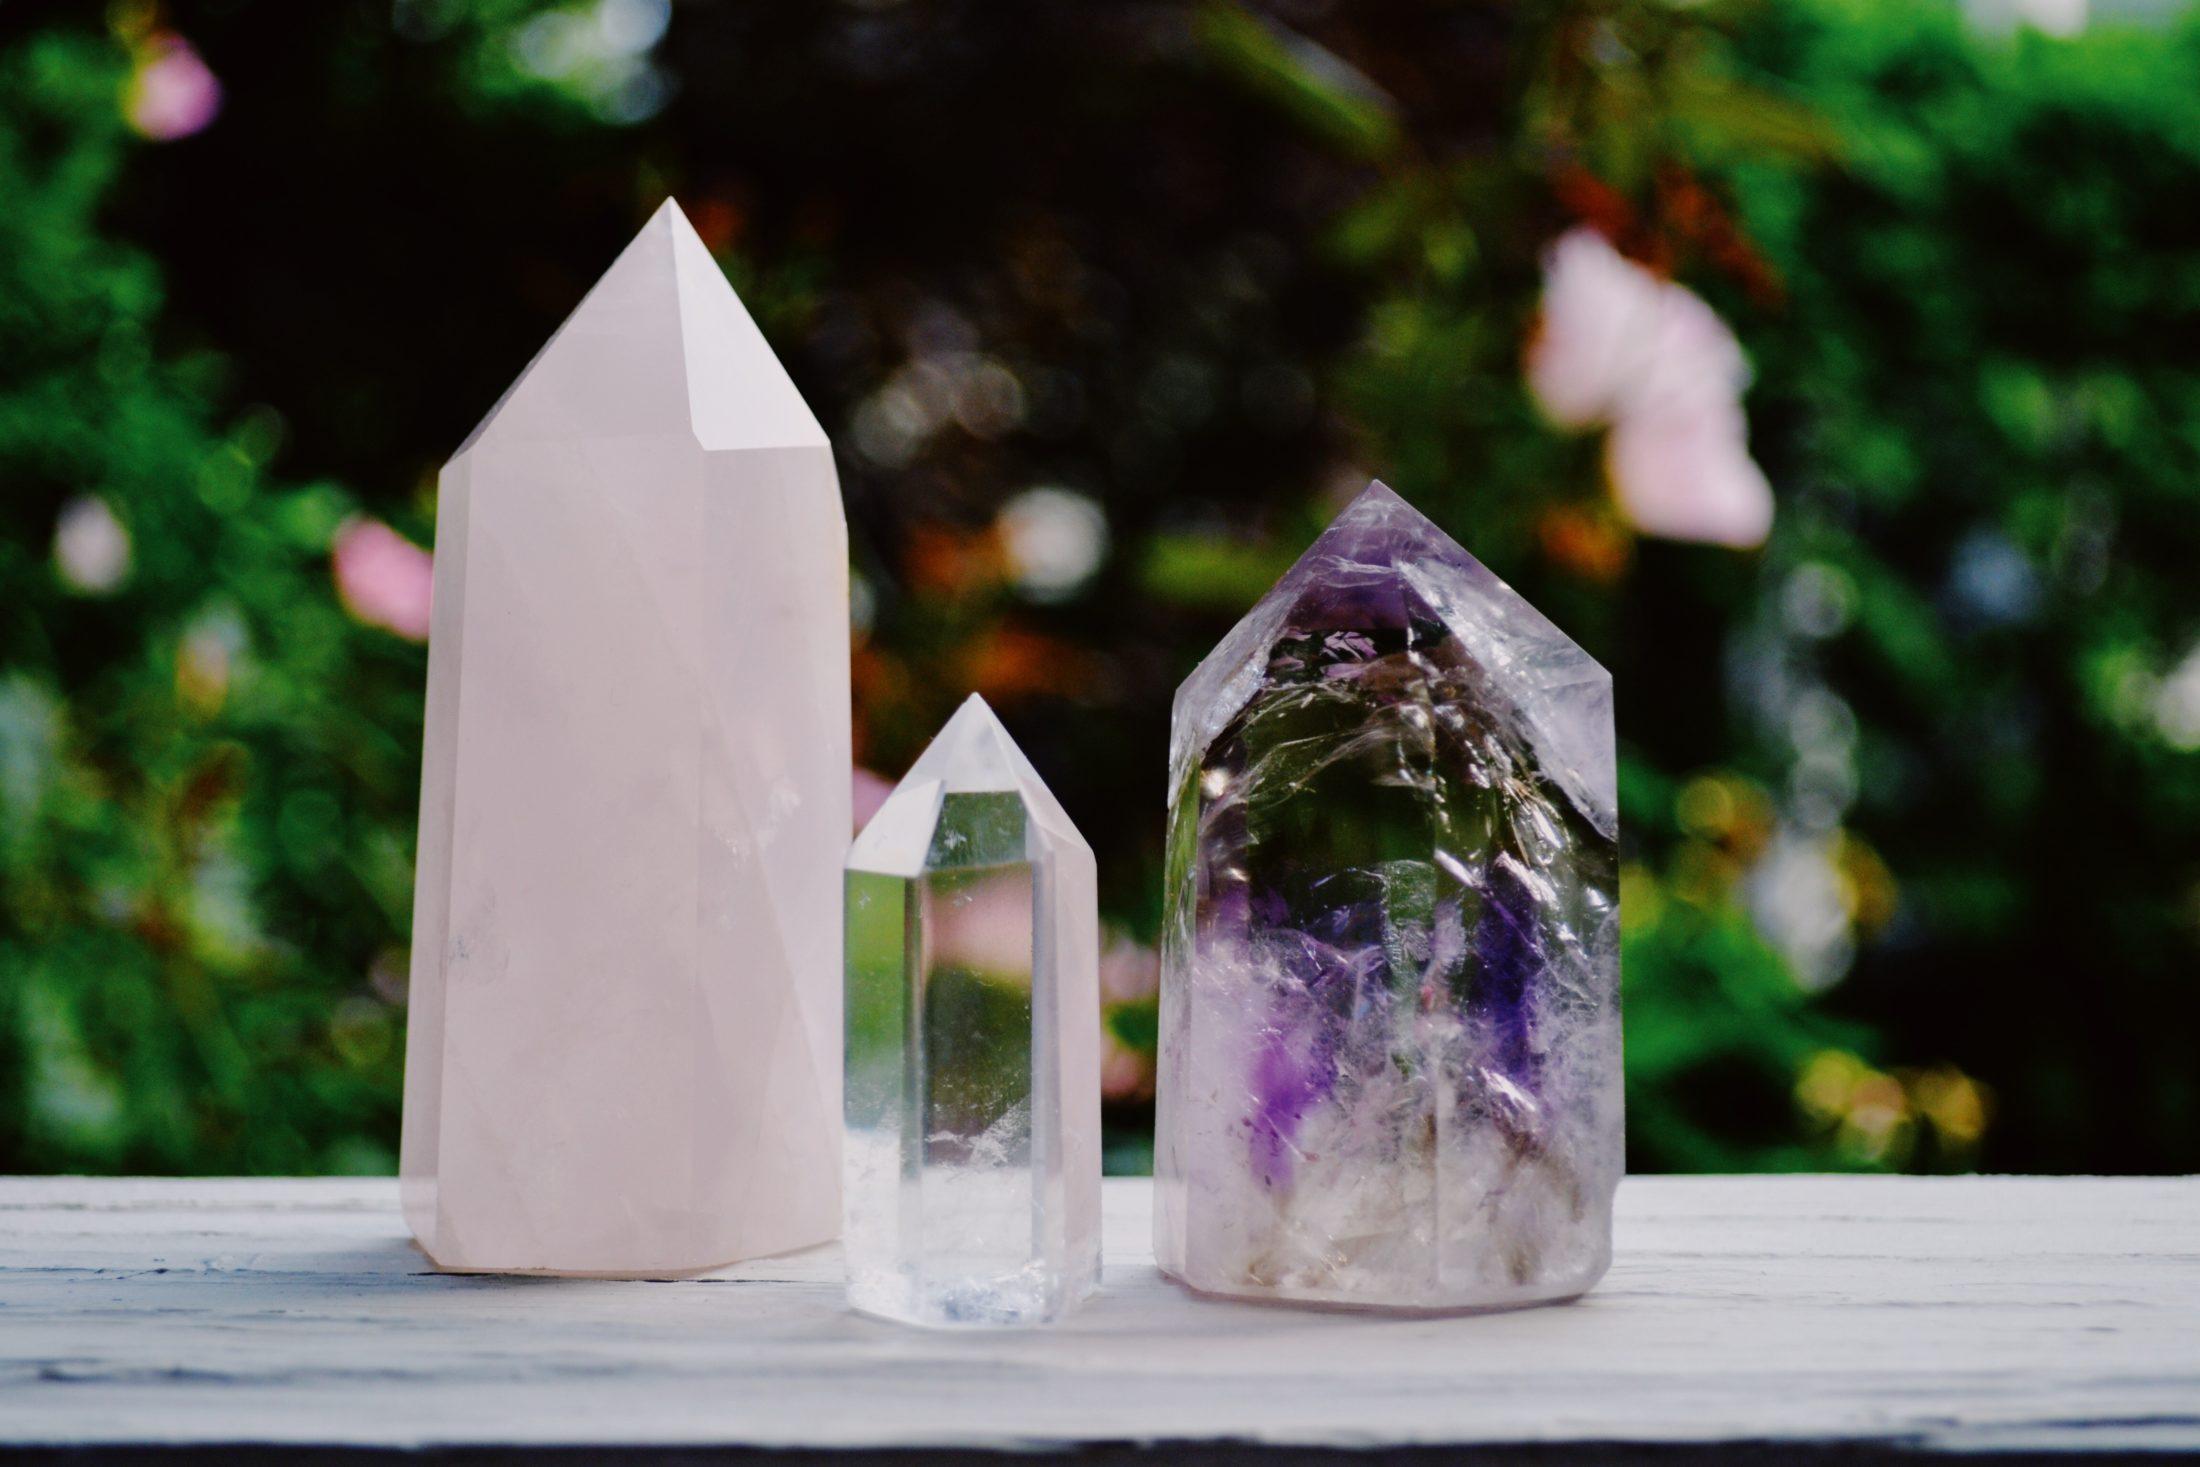 Tipos de cristais de cura para cachorro: ametista, quartzo rosa e transparente